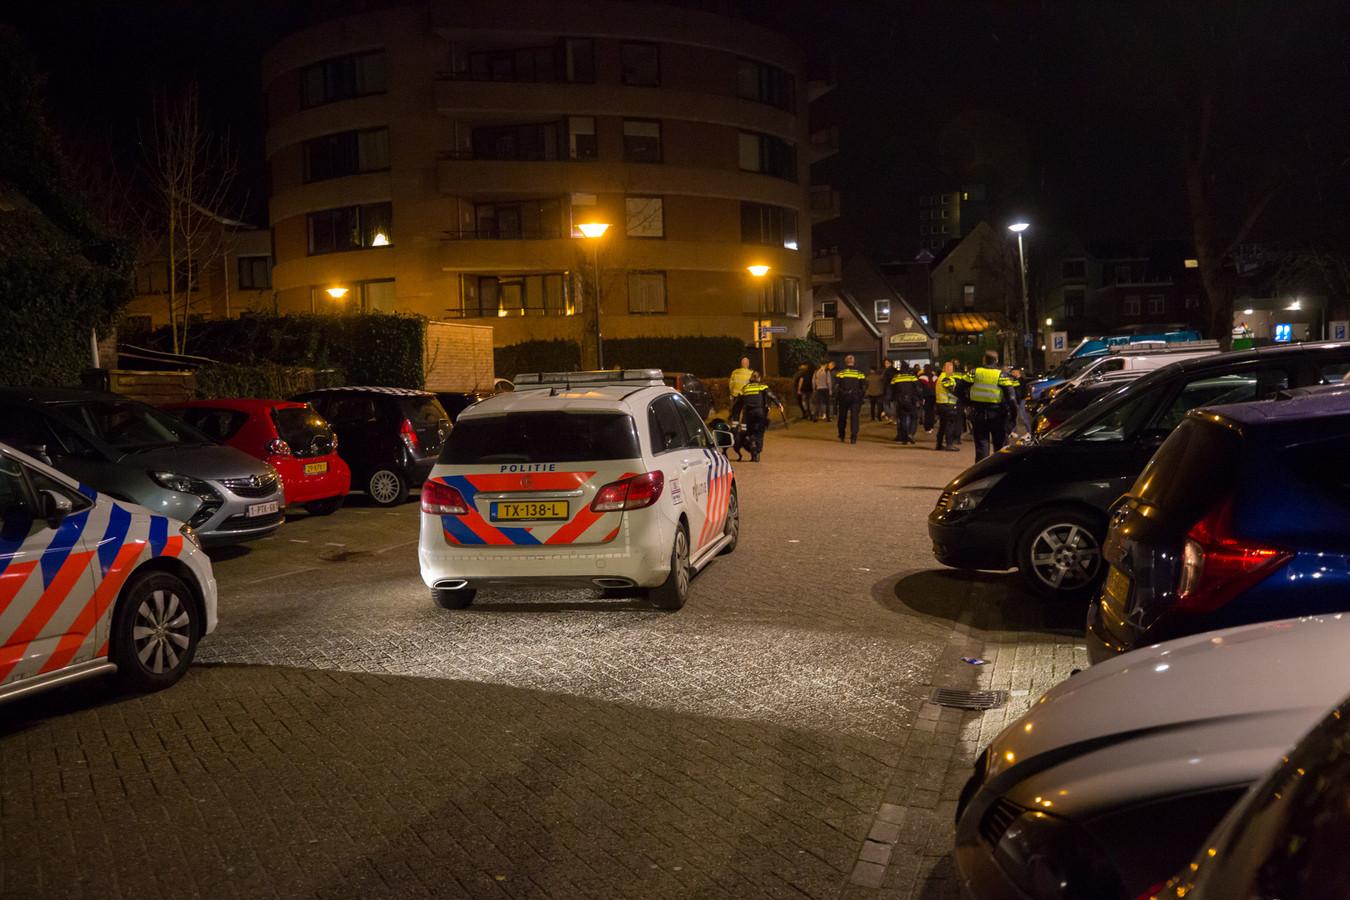 Politie met meerdere eenheden in het Emile van Loonpark in Roosendaal voor een aanhouding. Een groep van zo'n dertig omstanders bemoeide zich hiermee.